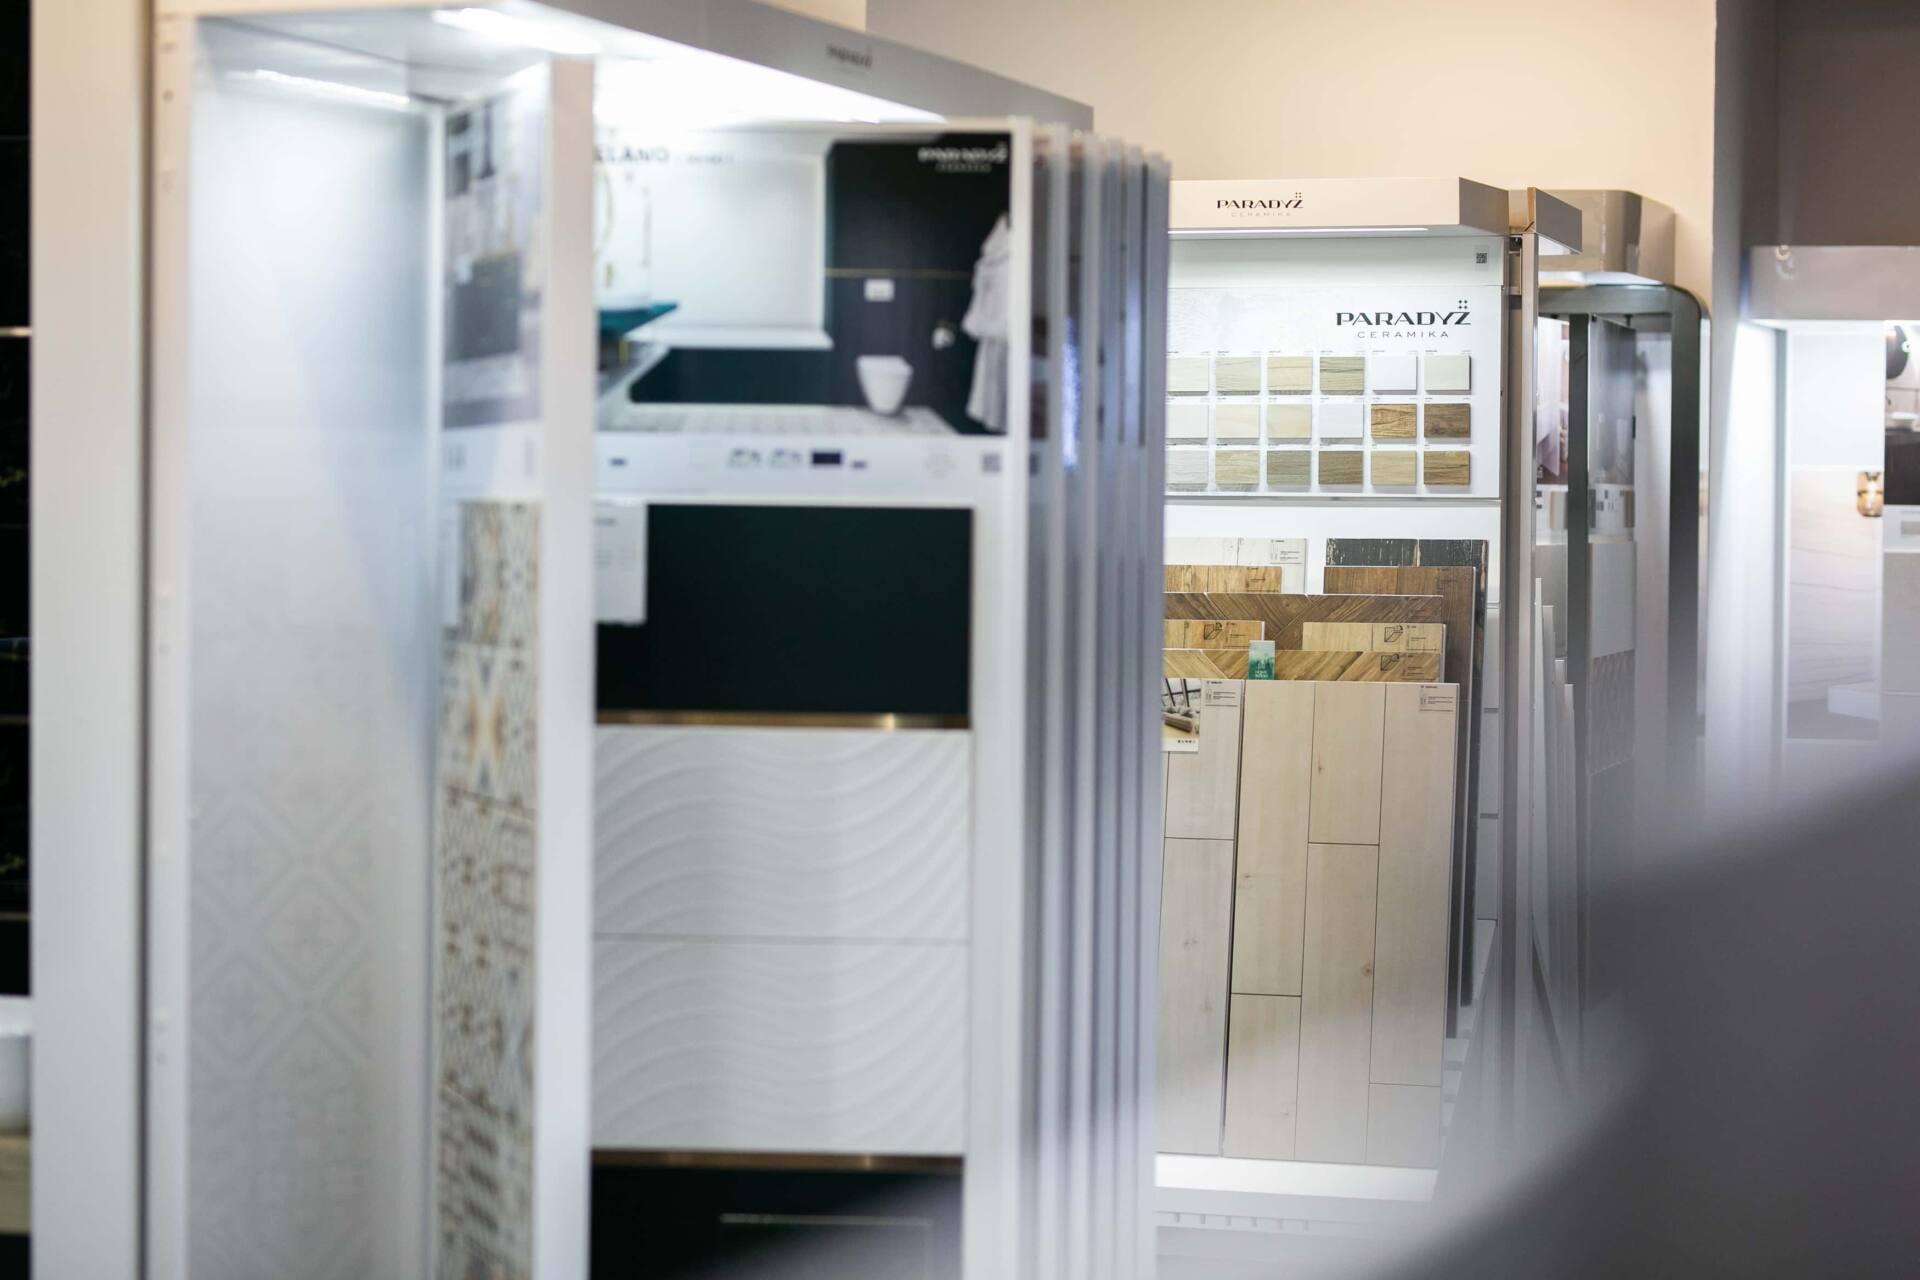 5db 5632 Nowy salon łazienek BLU w Zamościu już otwarty! Publikujemy 80 zdjęć